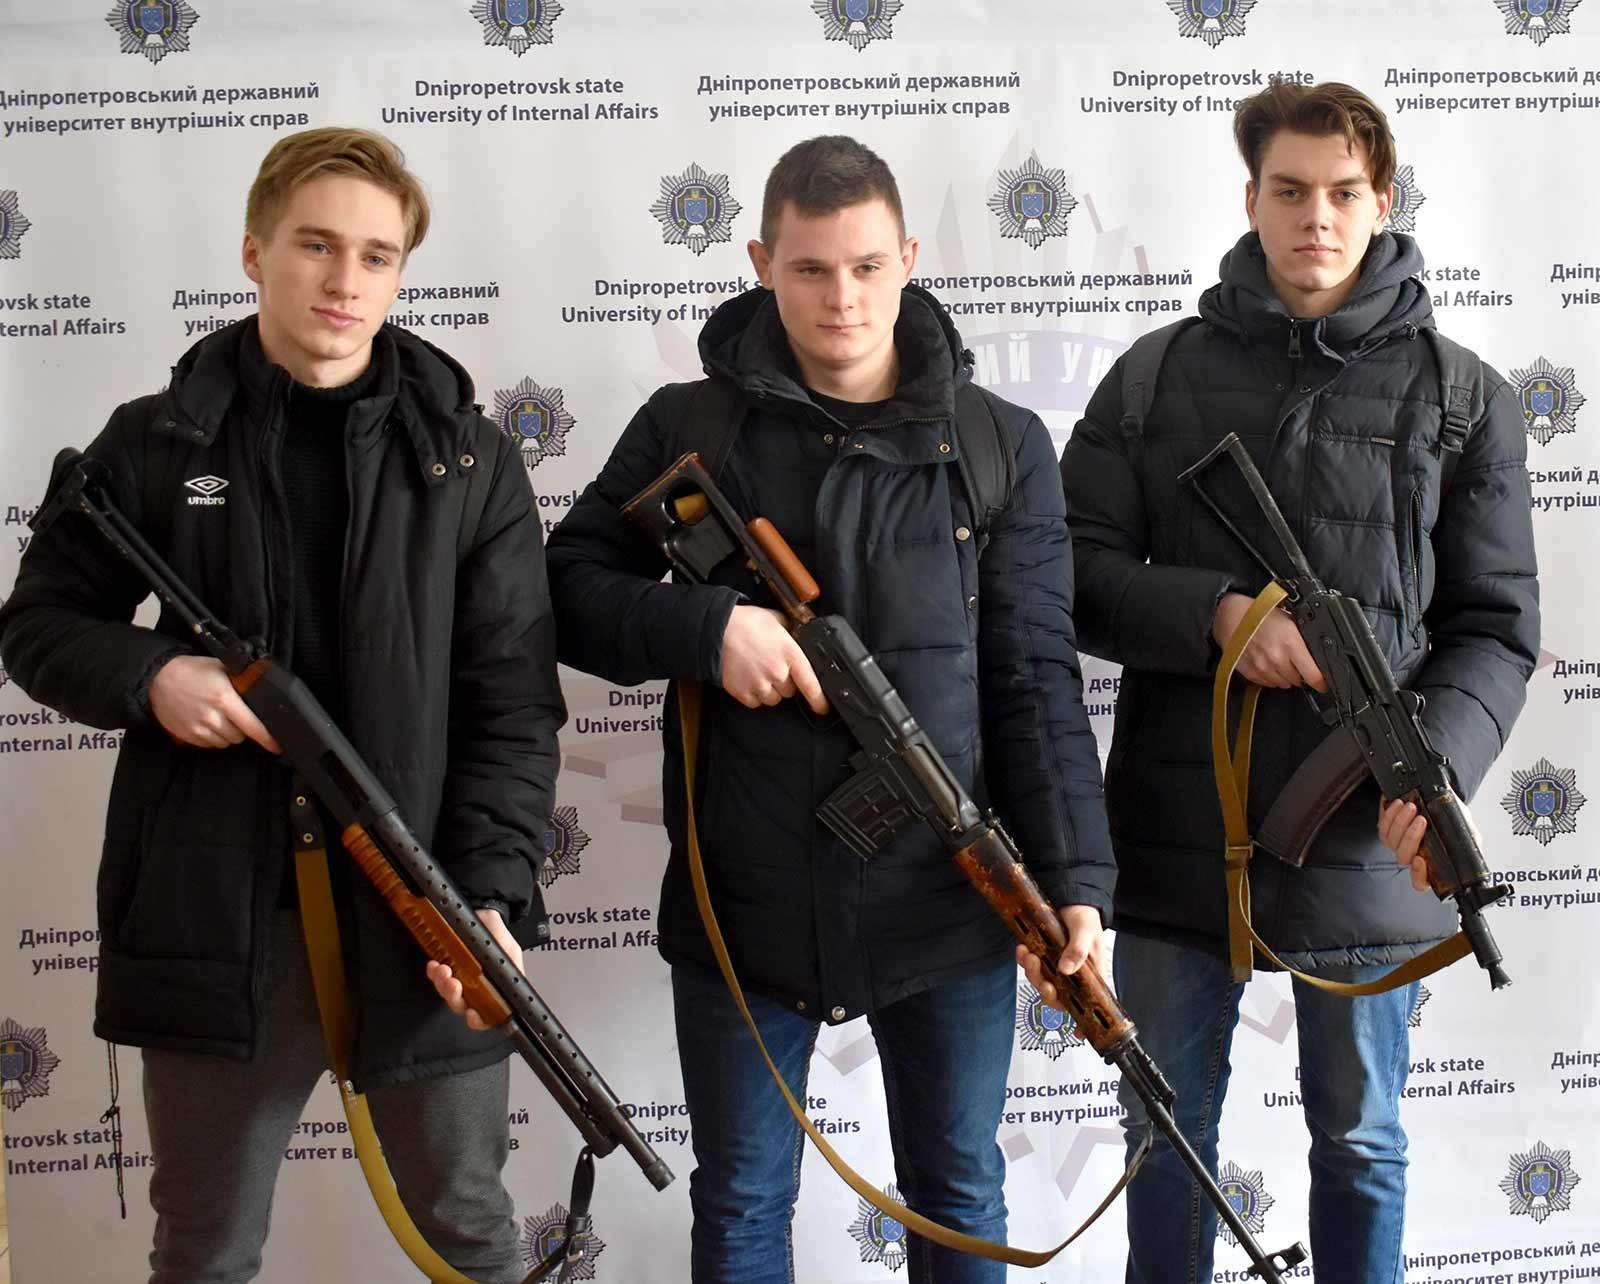 День відкритих дверей у Дніпропетровському державному університеті внутрішніх справ